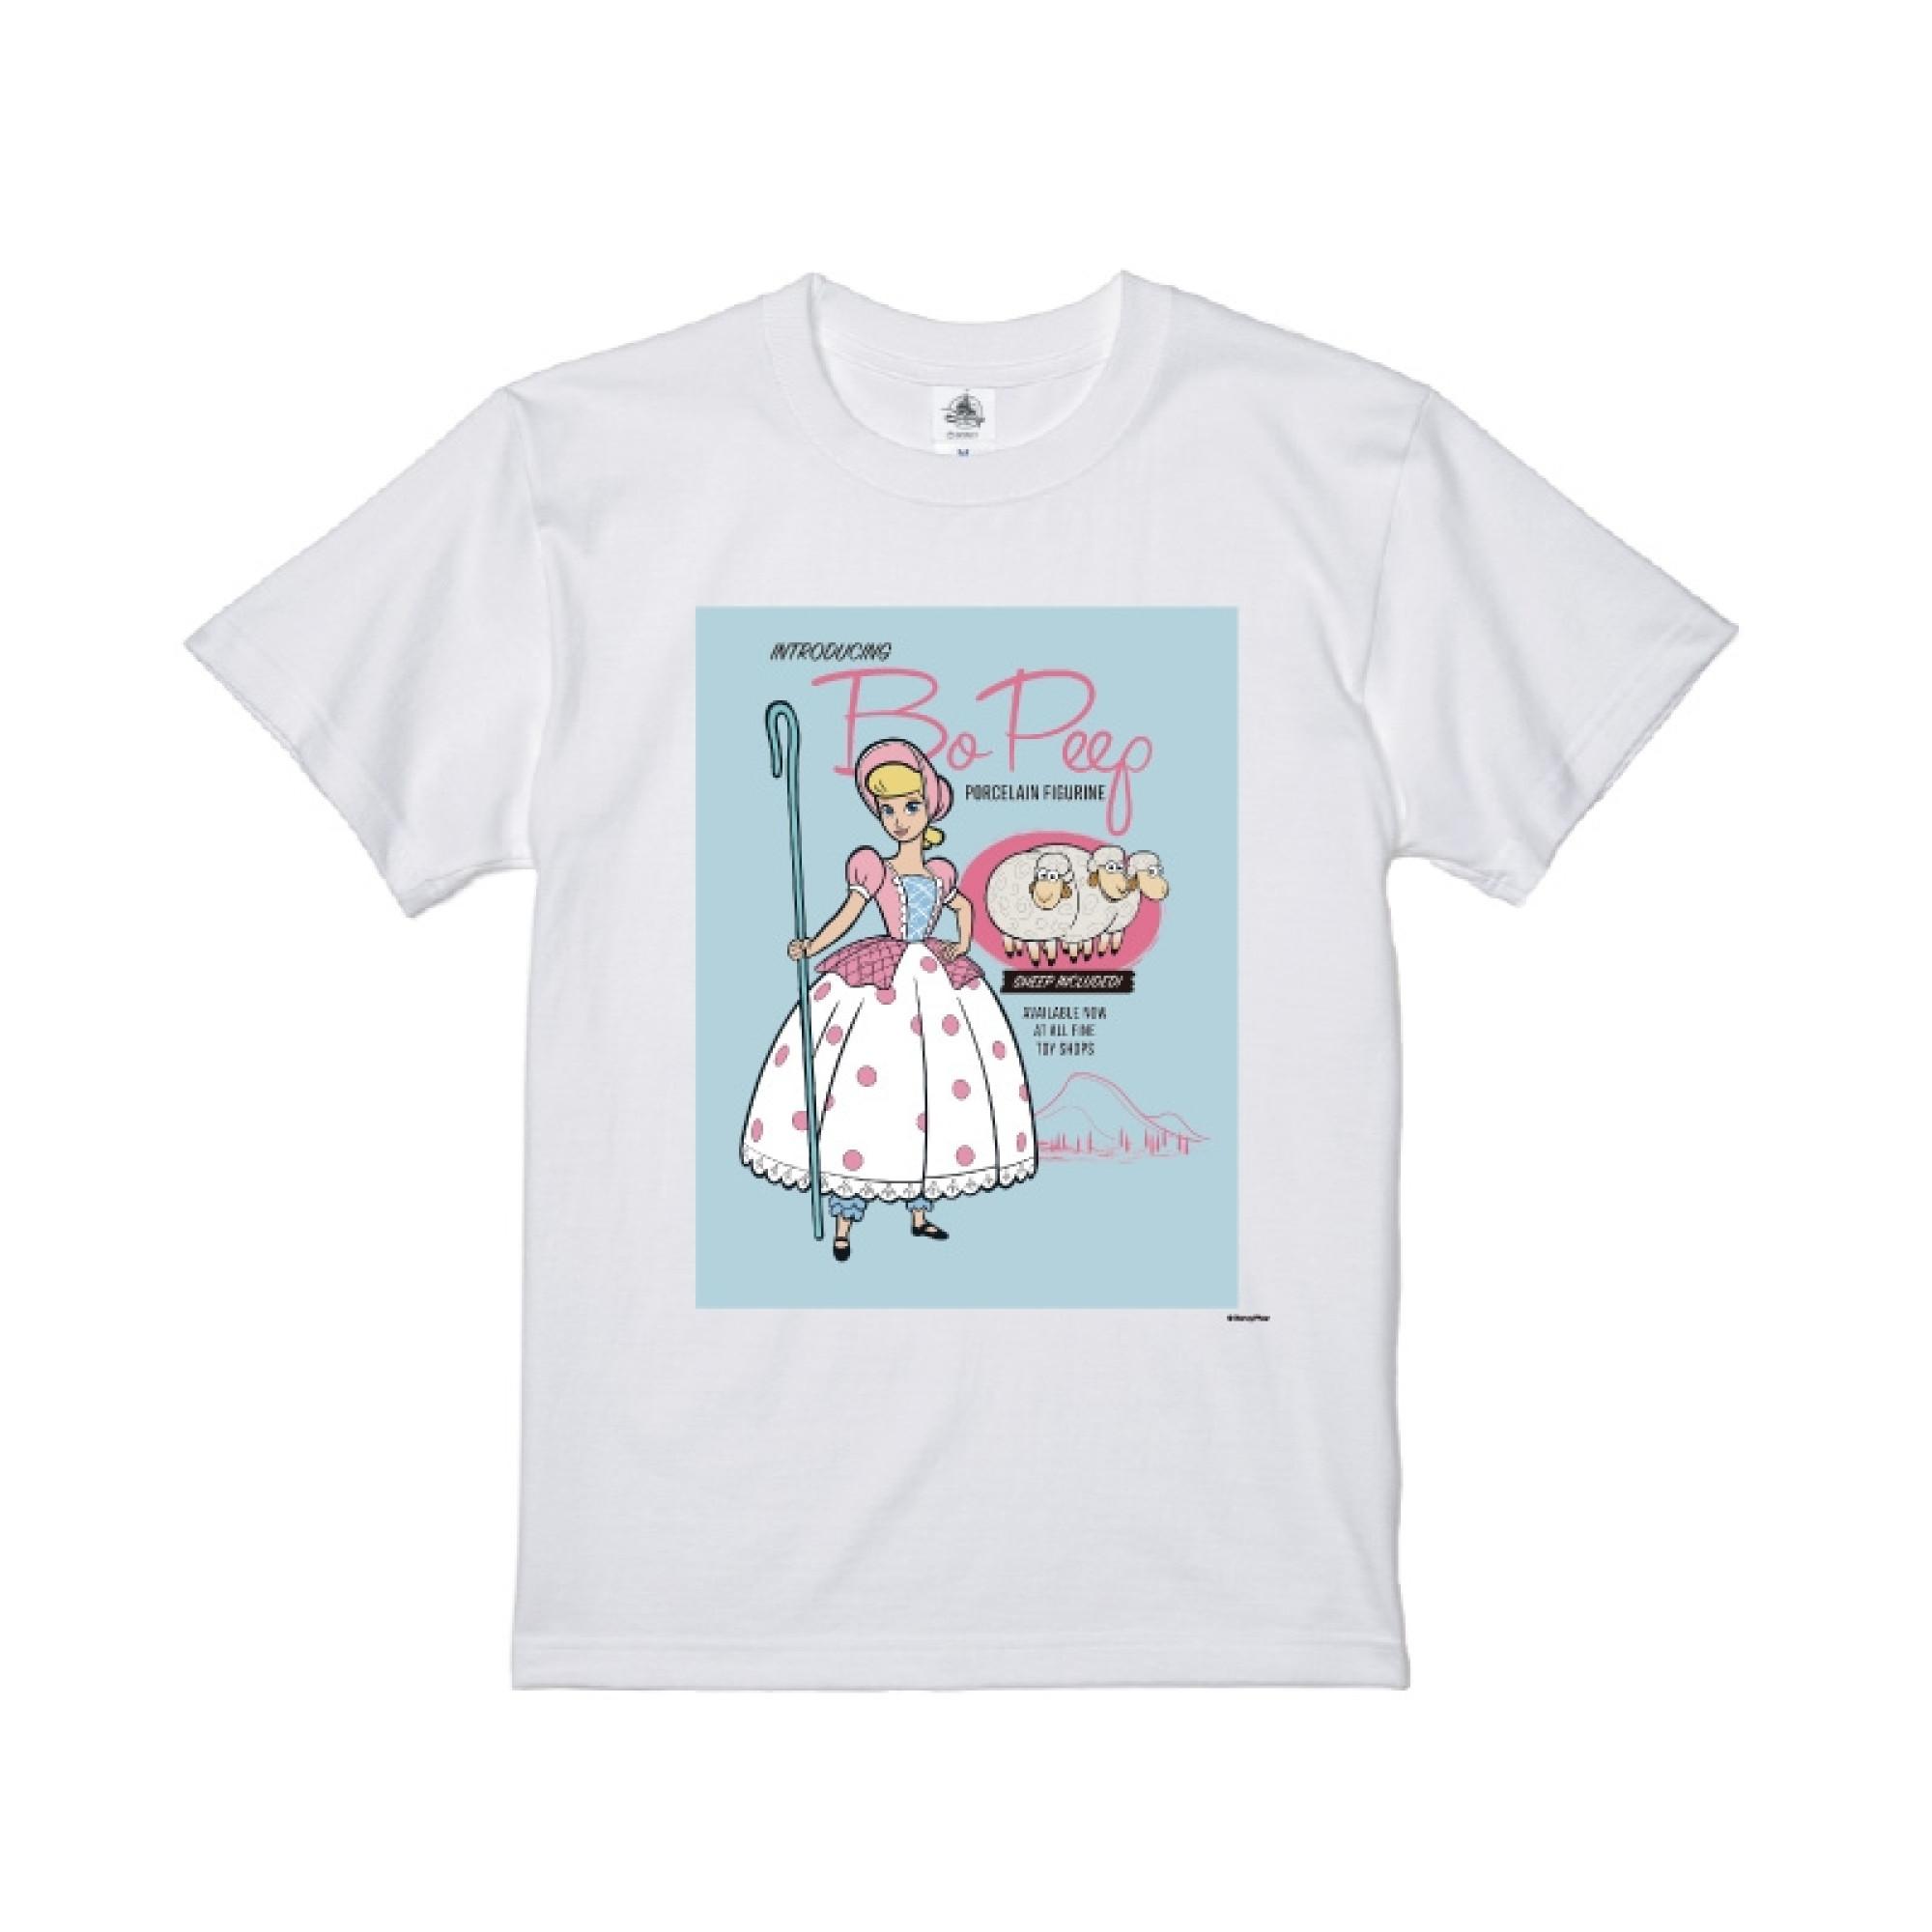 Tシャツ:ボーピープ